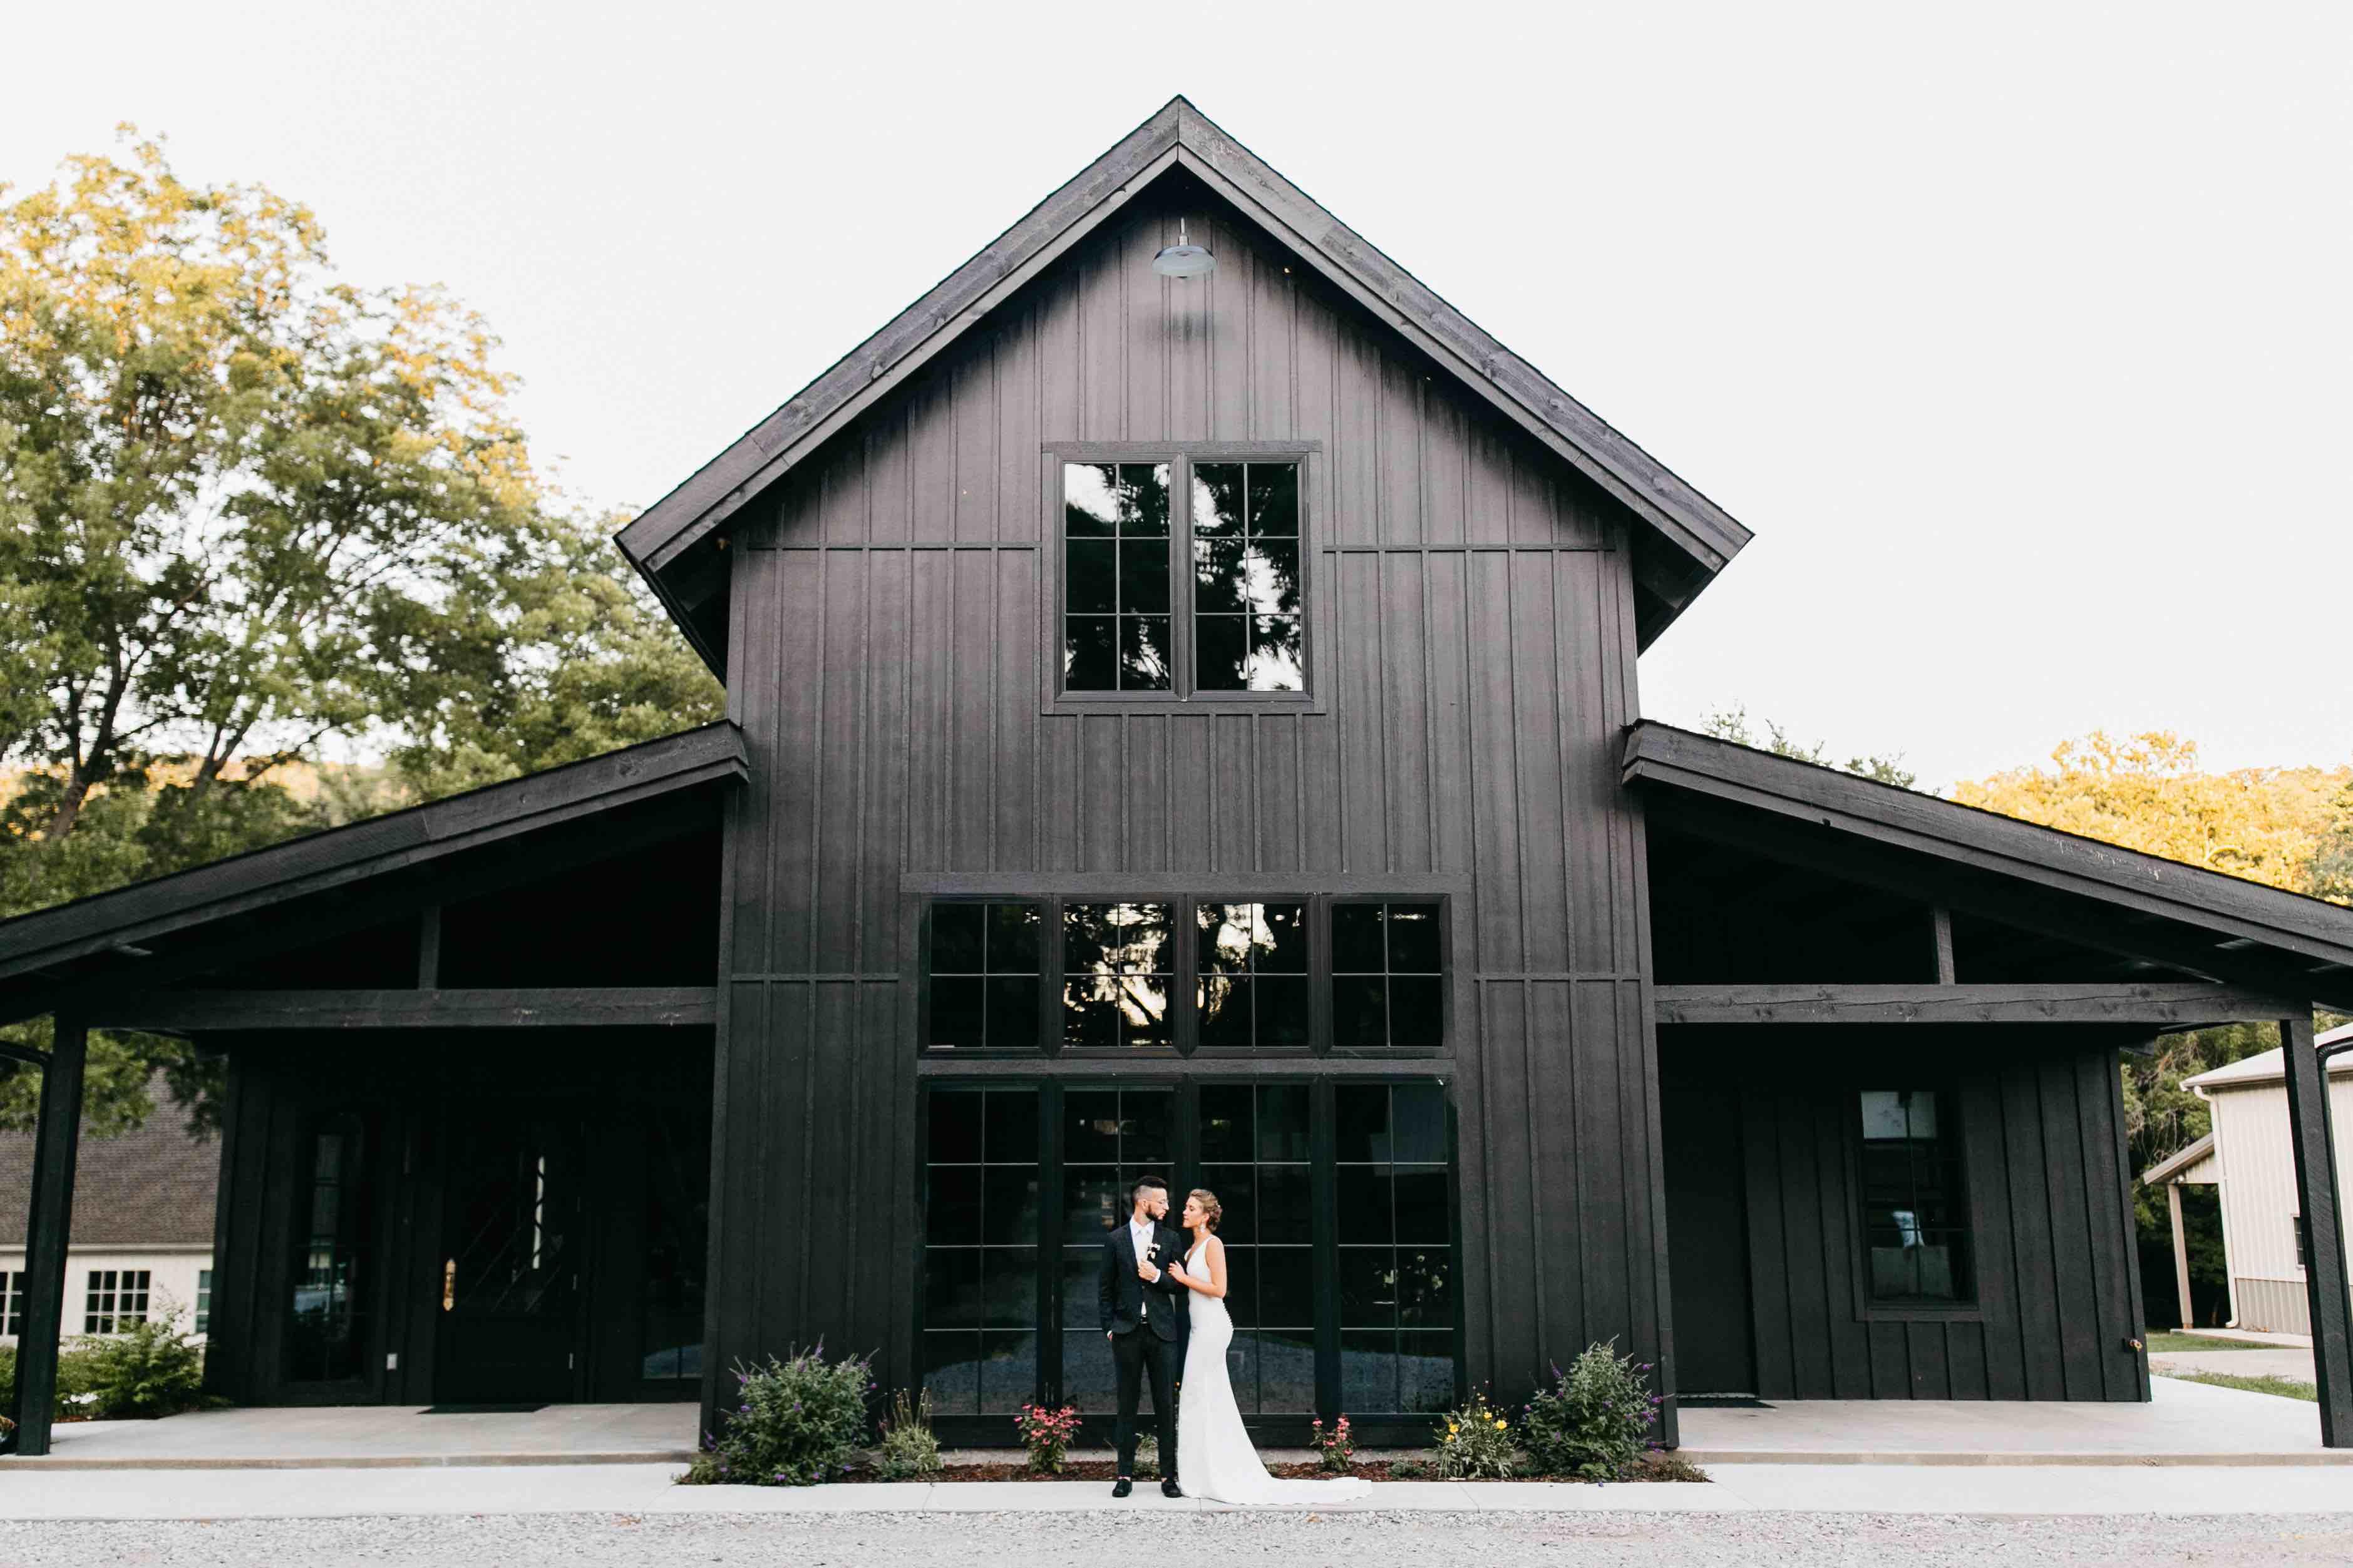 Barn Wedding Venues.The Black Barn At Spain Ranch Brides Of Oklahoma